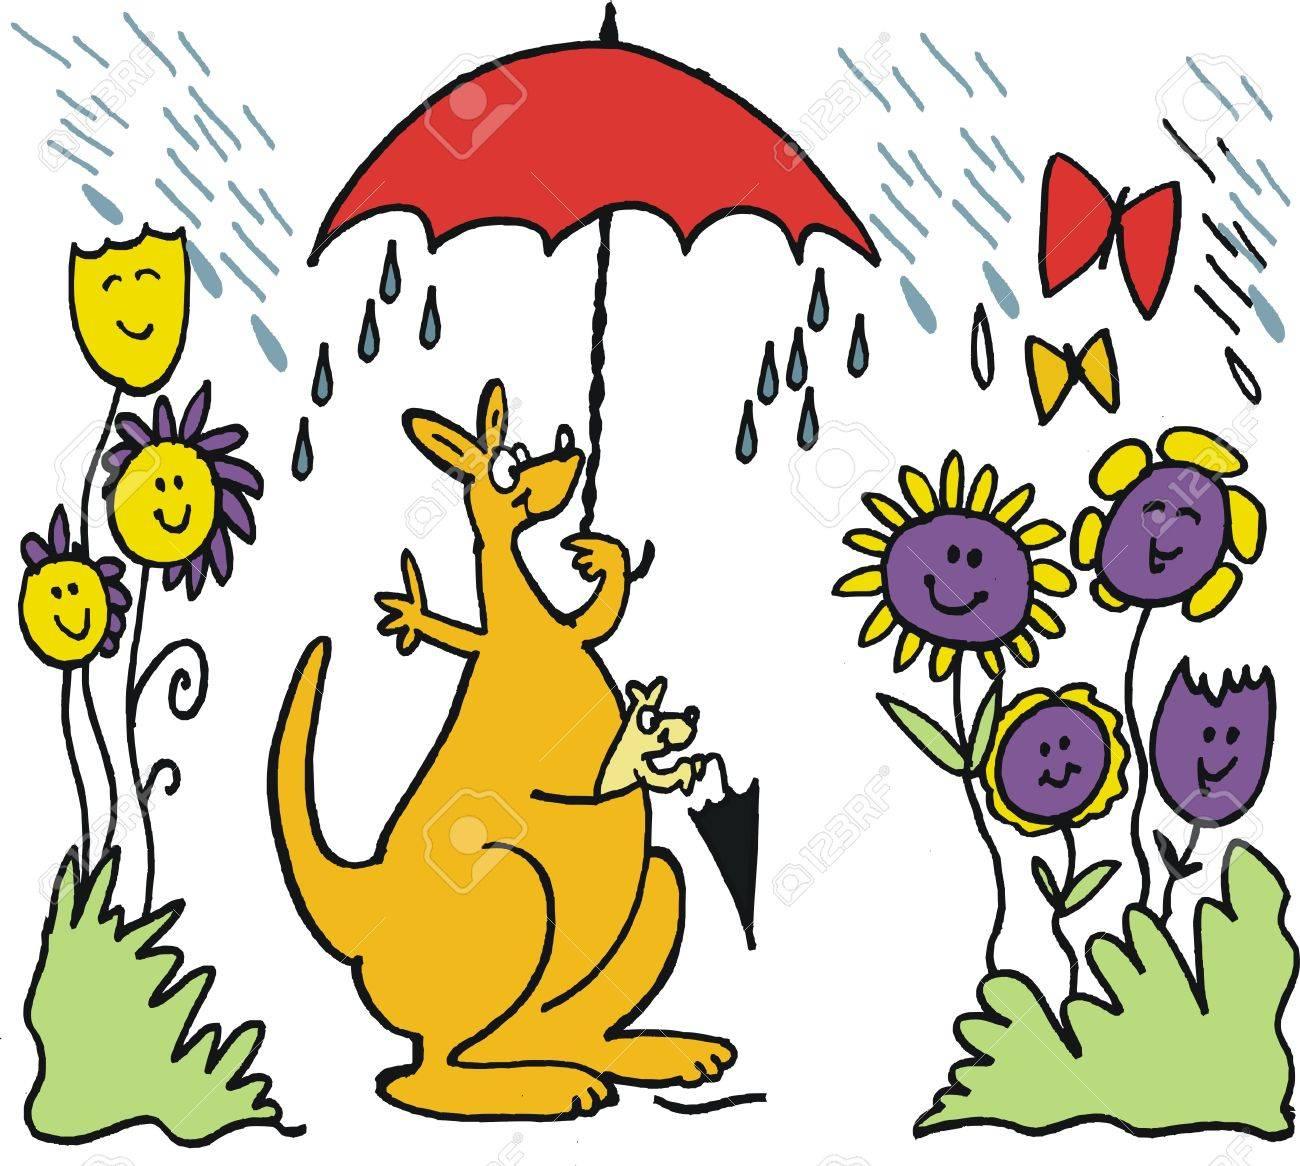 Dessin Anime Vecteur De Kangourou Heureux Avec Le Parapluie Sous La